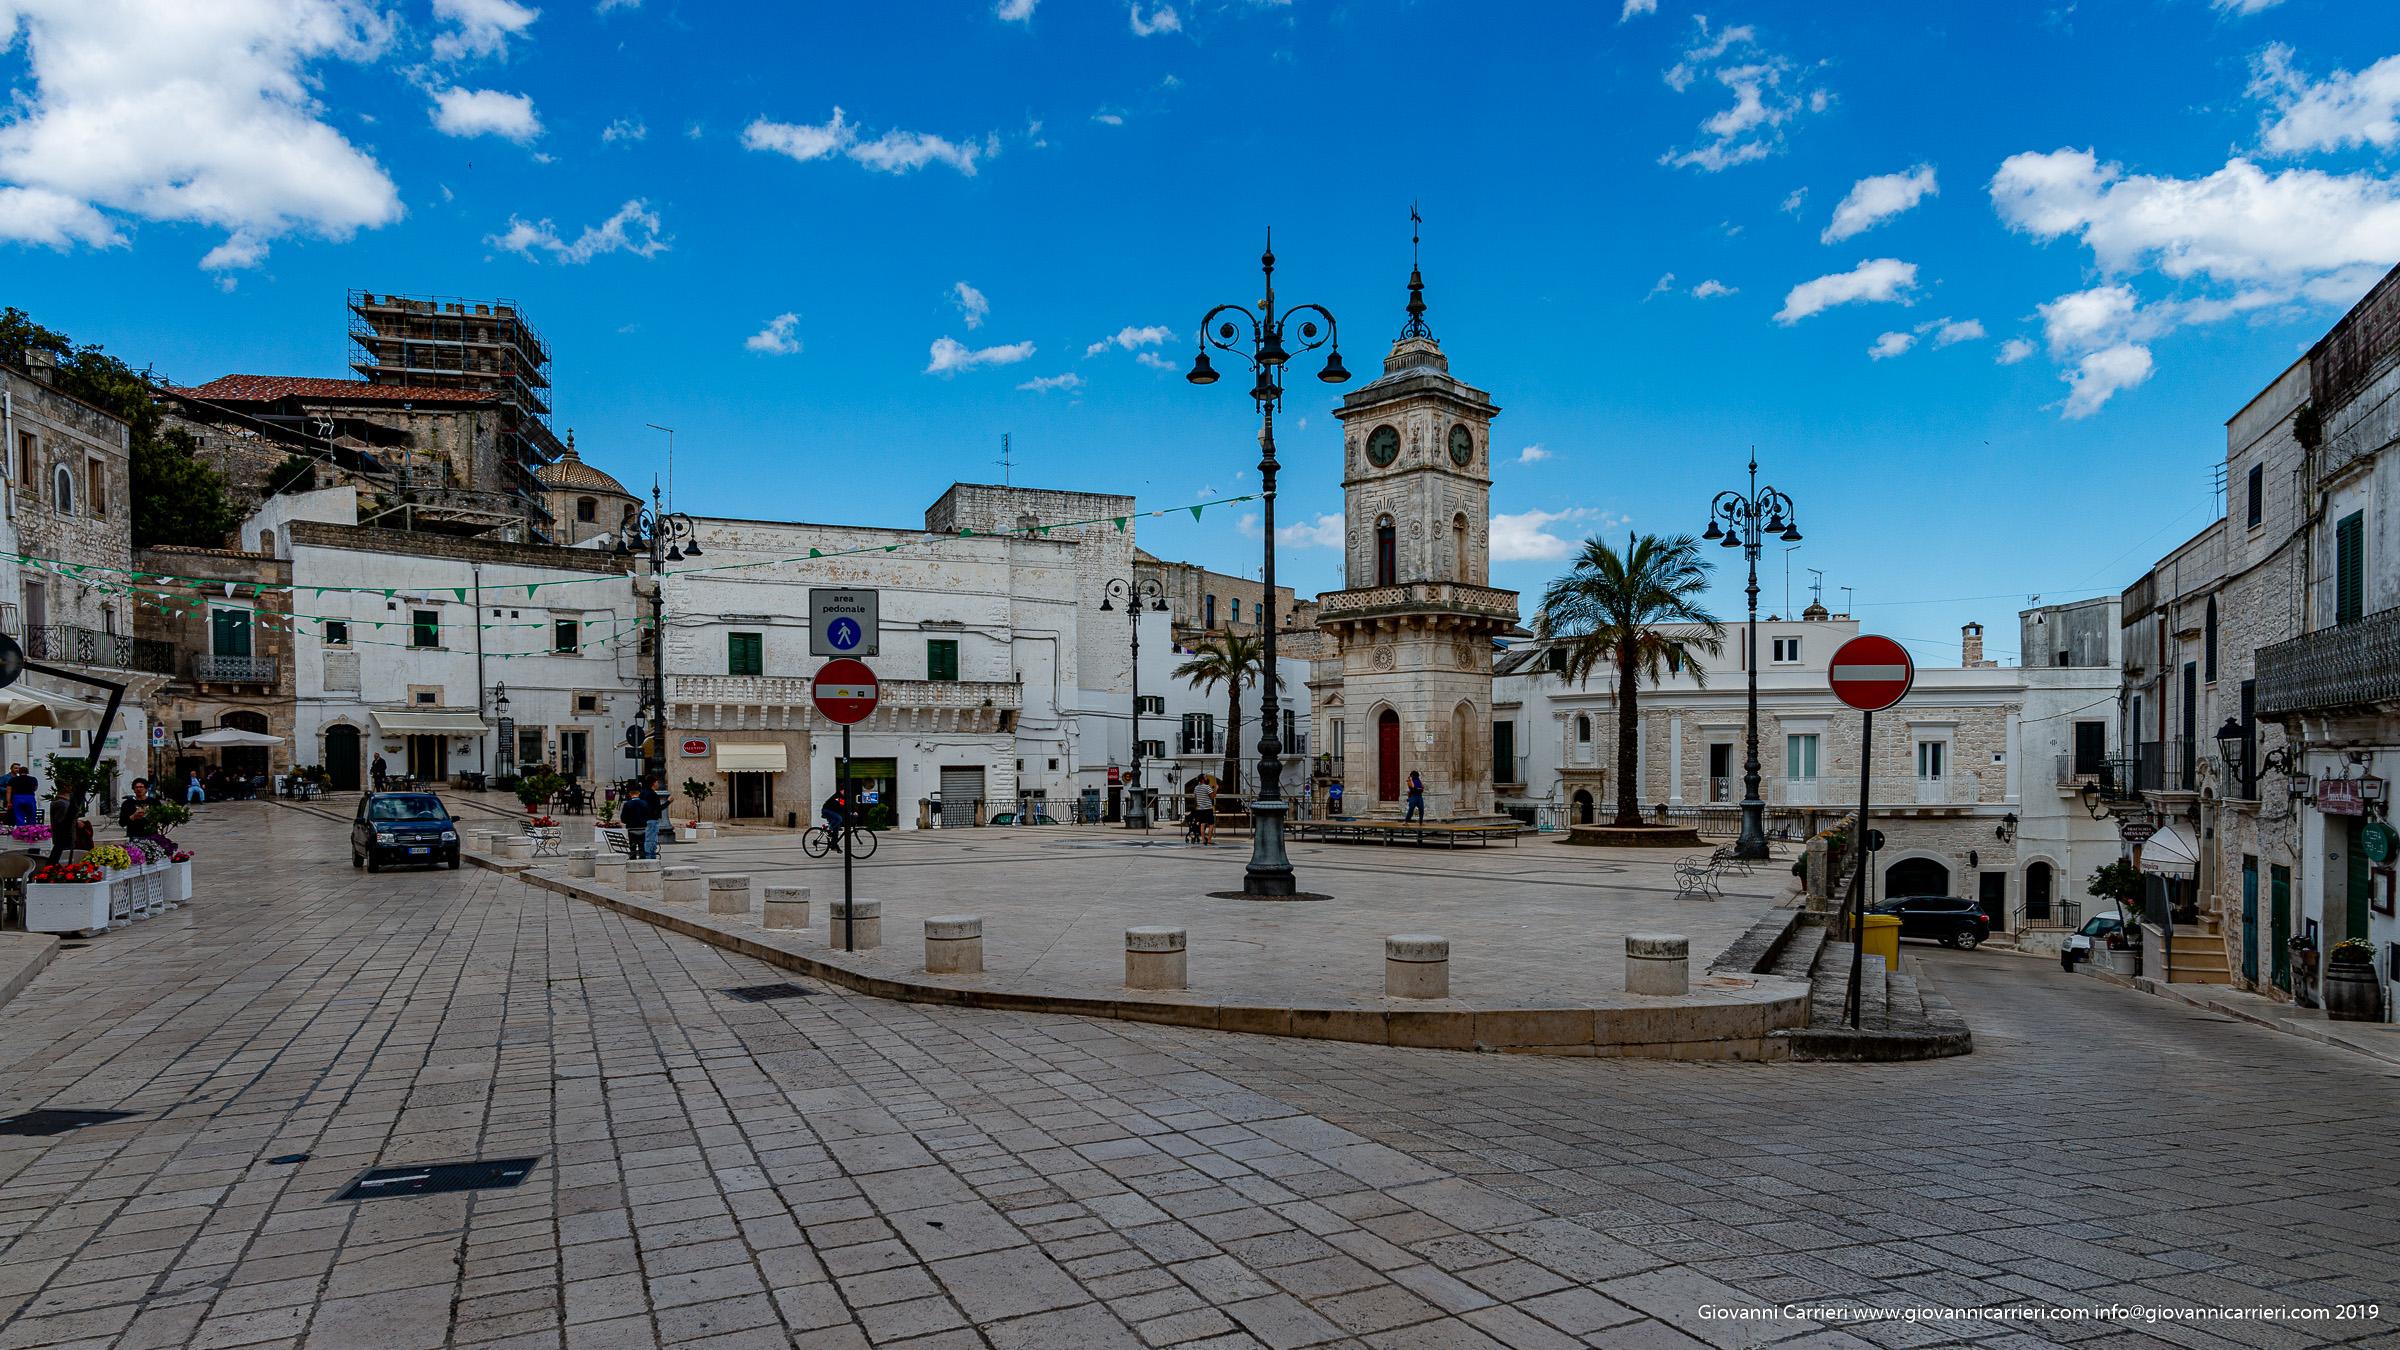 Piazza Plebiscito e la Torre dell'Orologio